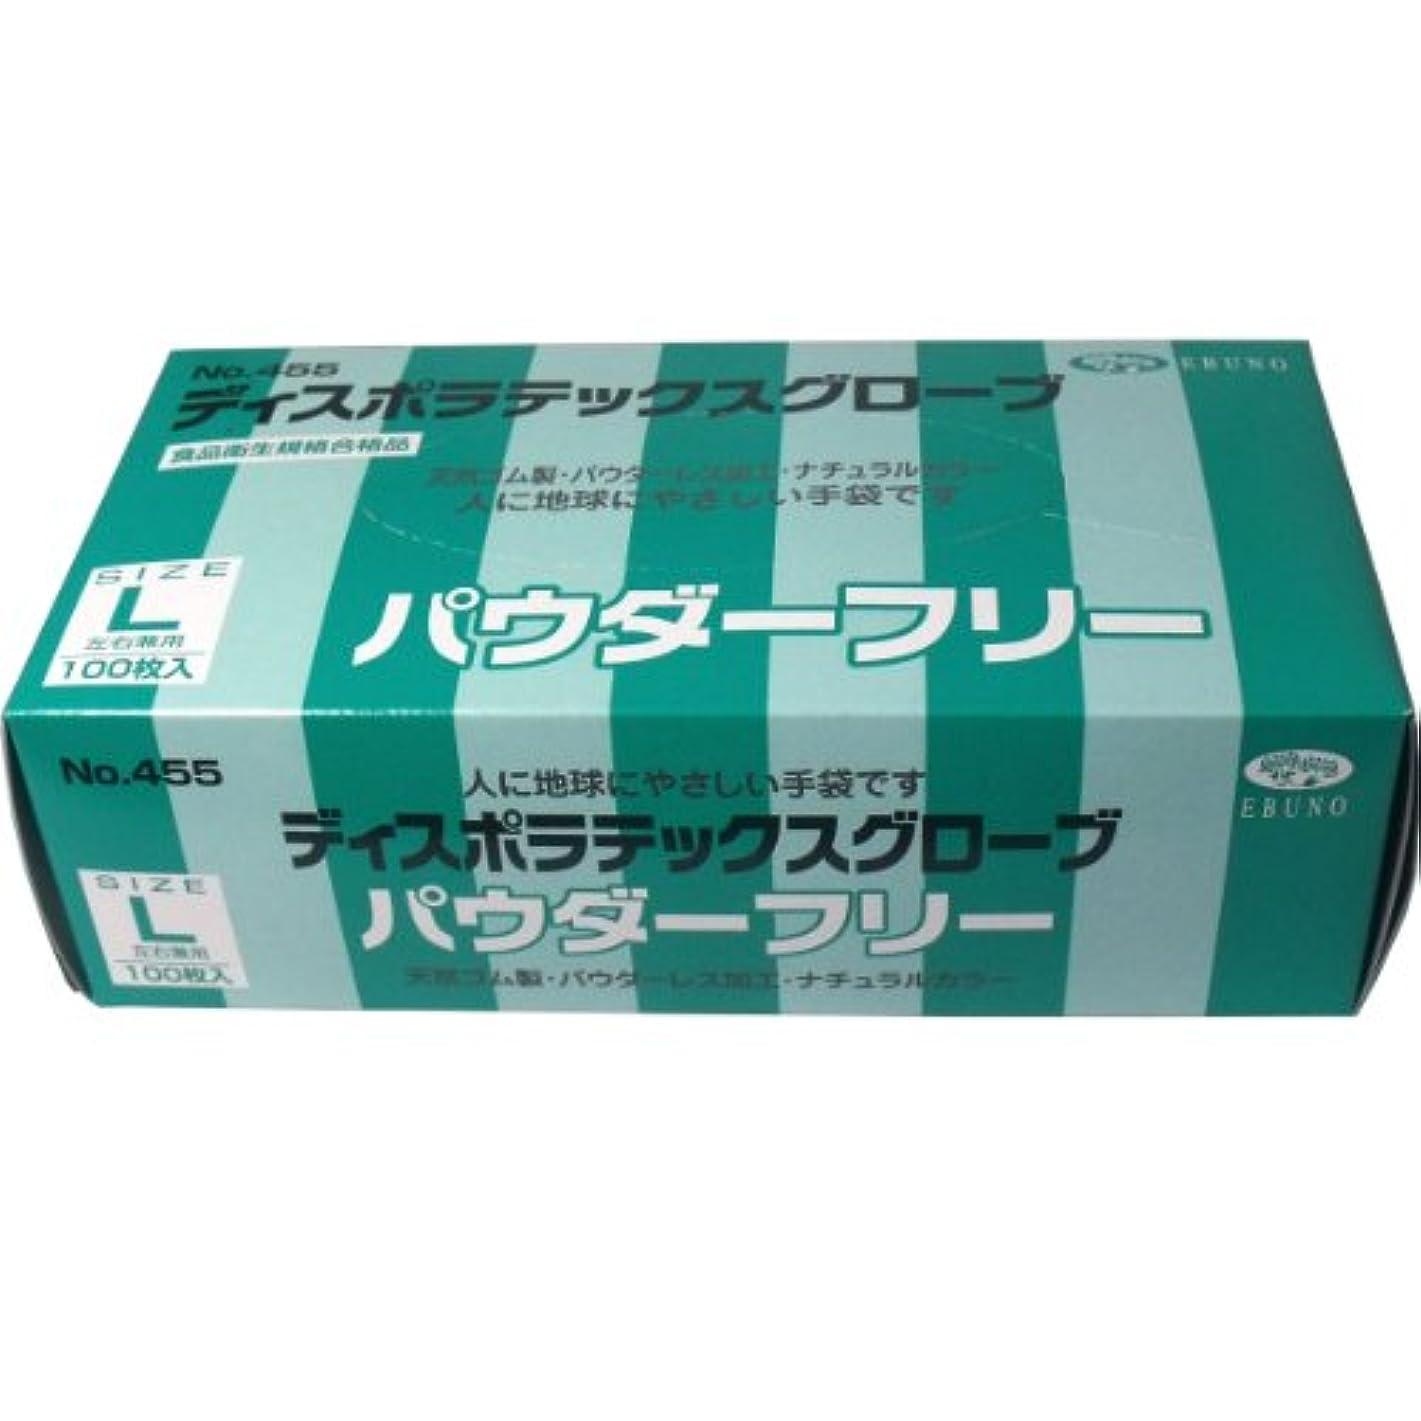 打撃二層習慣ディスポ ラテックスグローブ(天然ゴム手袋) パウダーフリー Lサイズ 100枚入×2個セット